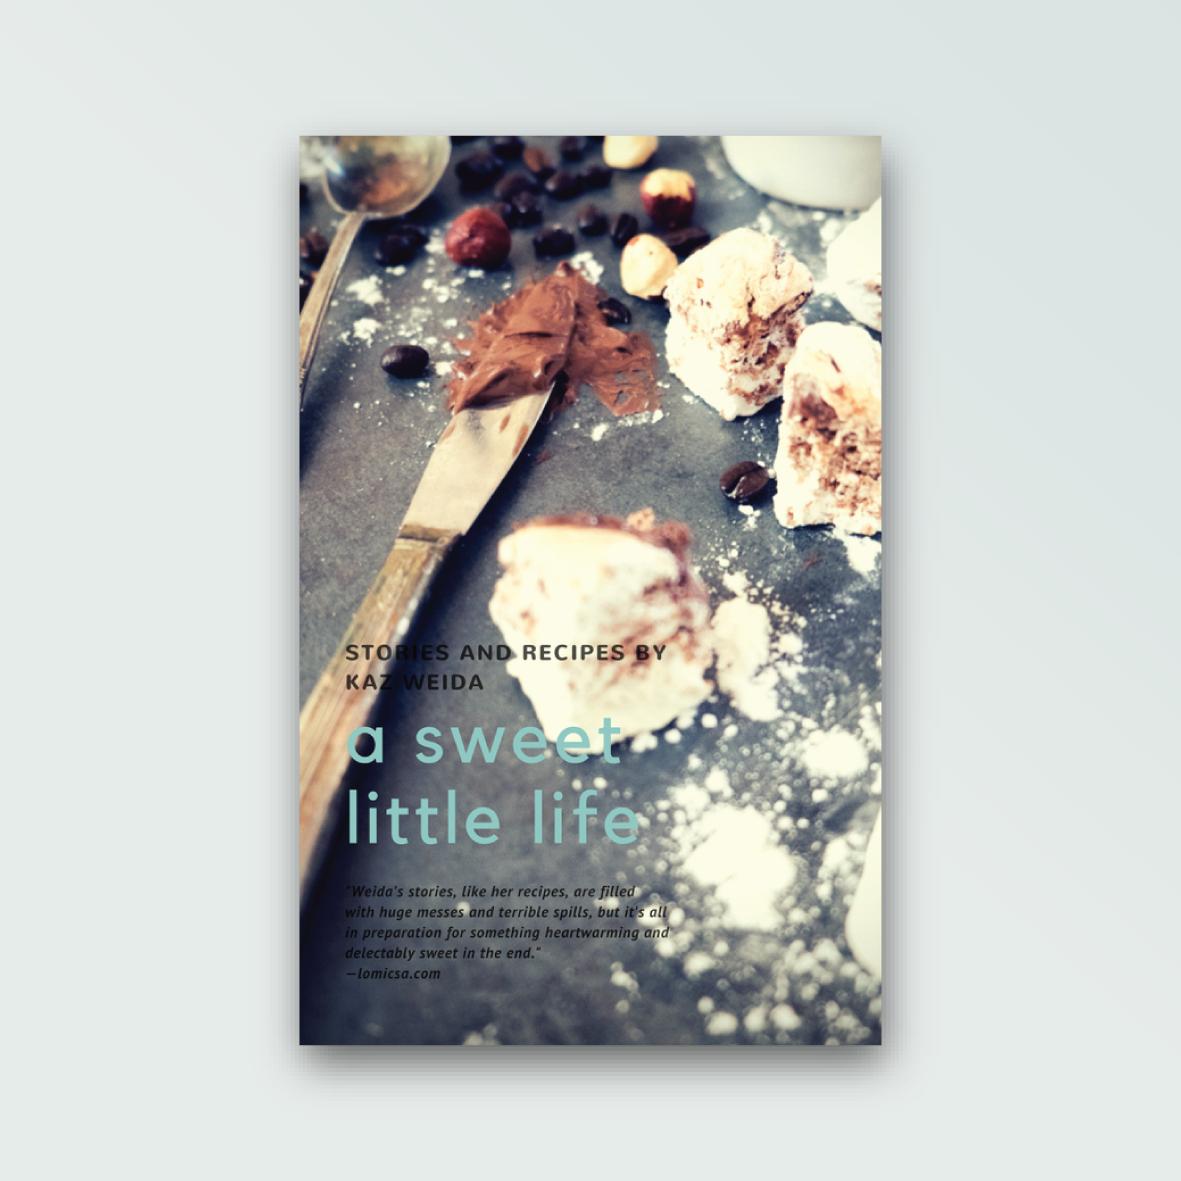 A-Sweet-Little-Life-Book-Kaz-Weida.png